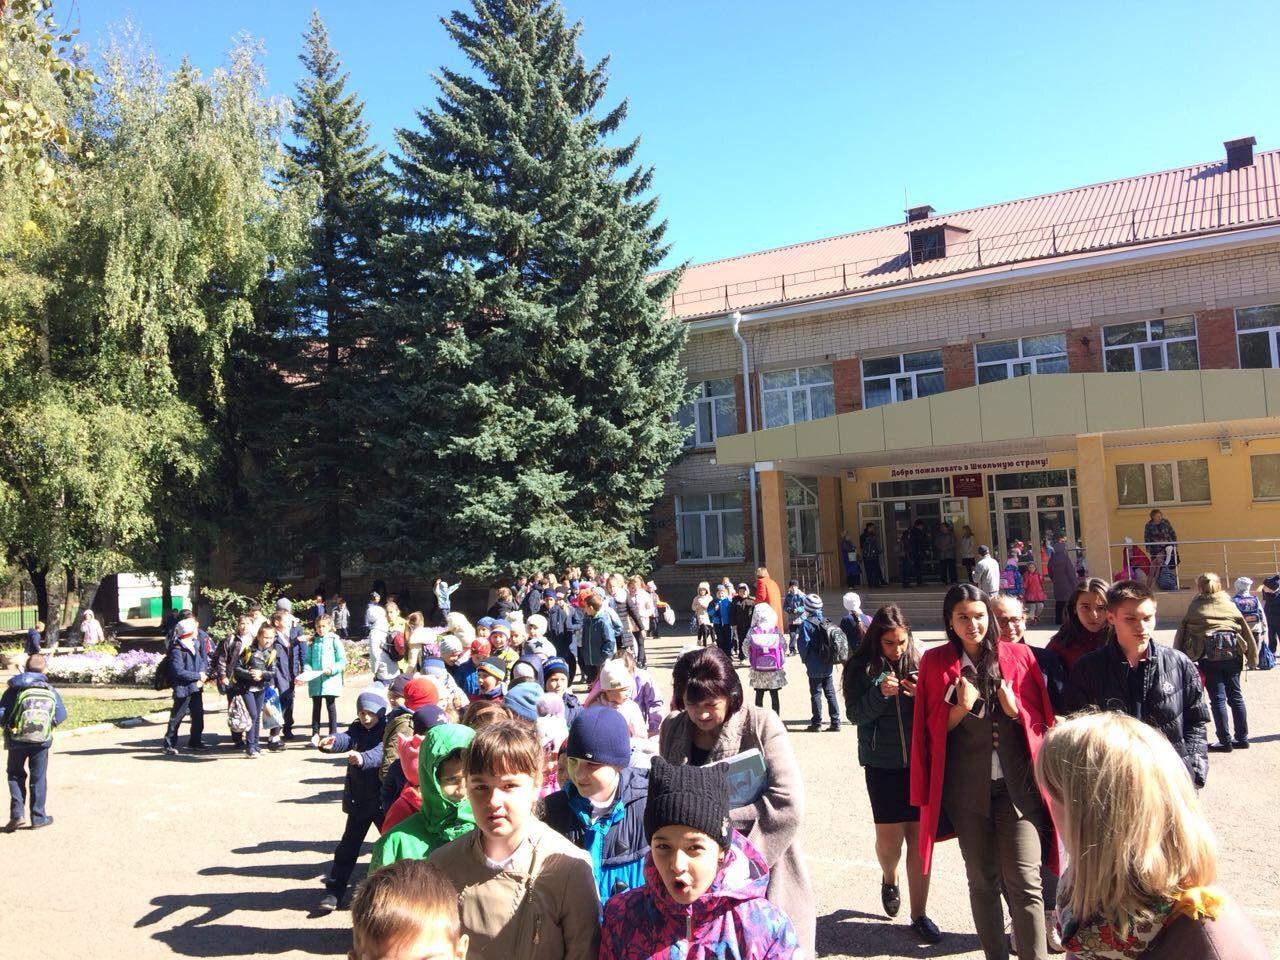 День гражданской обороны устроили впсковских образовательных учреждениях работники МЧС